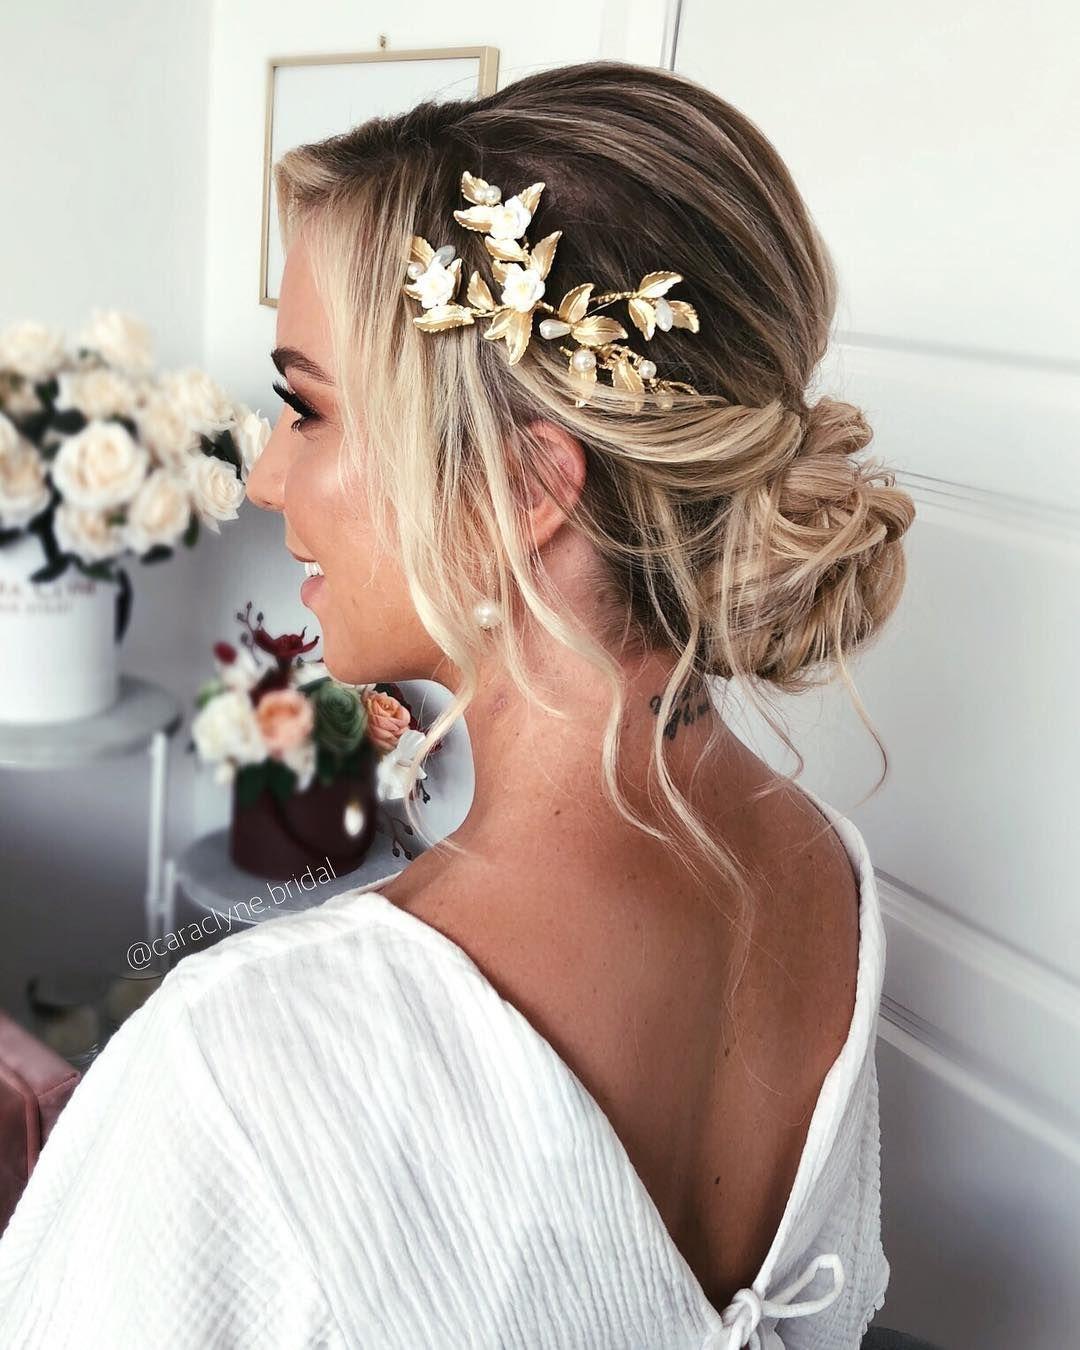 50 Most Beautiful Bridal Hair Style From Real Weddings Hairstyles Hairstyles For Medium Length Hair Hai Brautfrisur Hochzeitsfrisuren Lange Hochzeit Frisuren